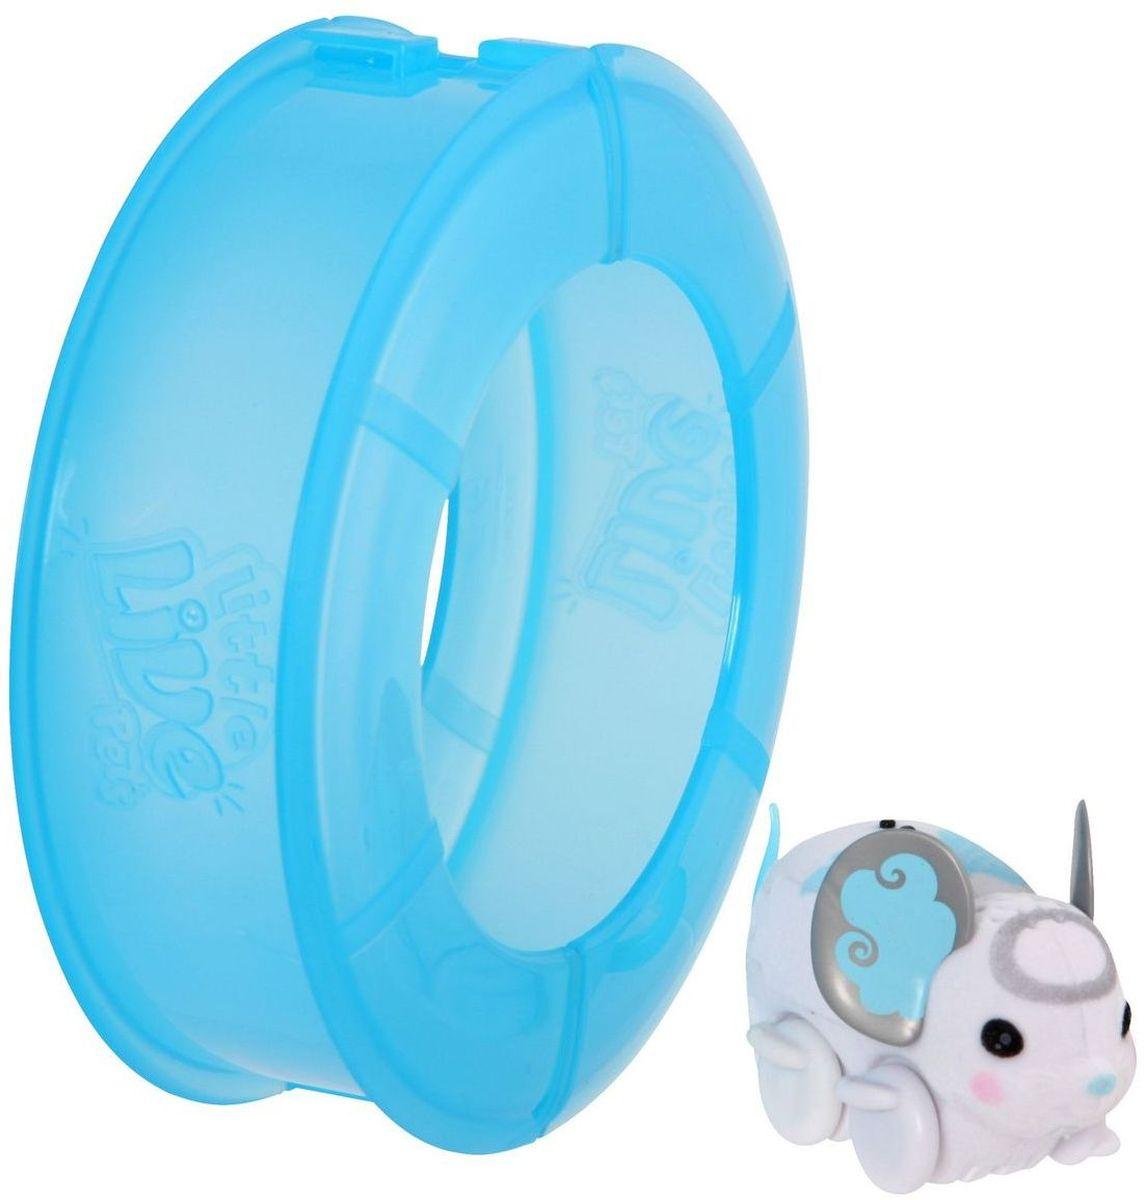 Little Live Pets Интерактивная игрушка Мышка в колесе цвет белый григорий лепс парус live